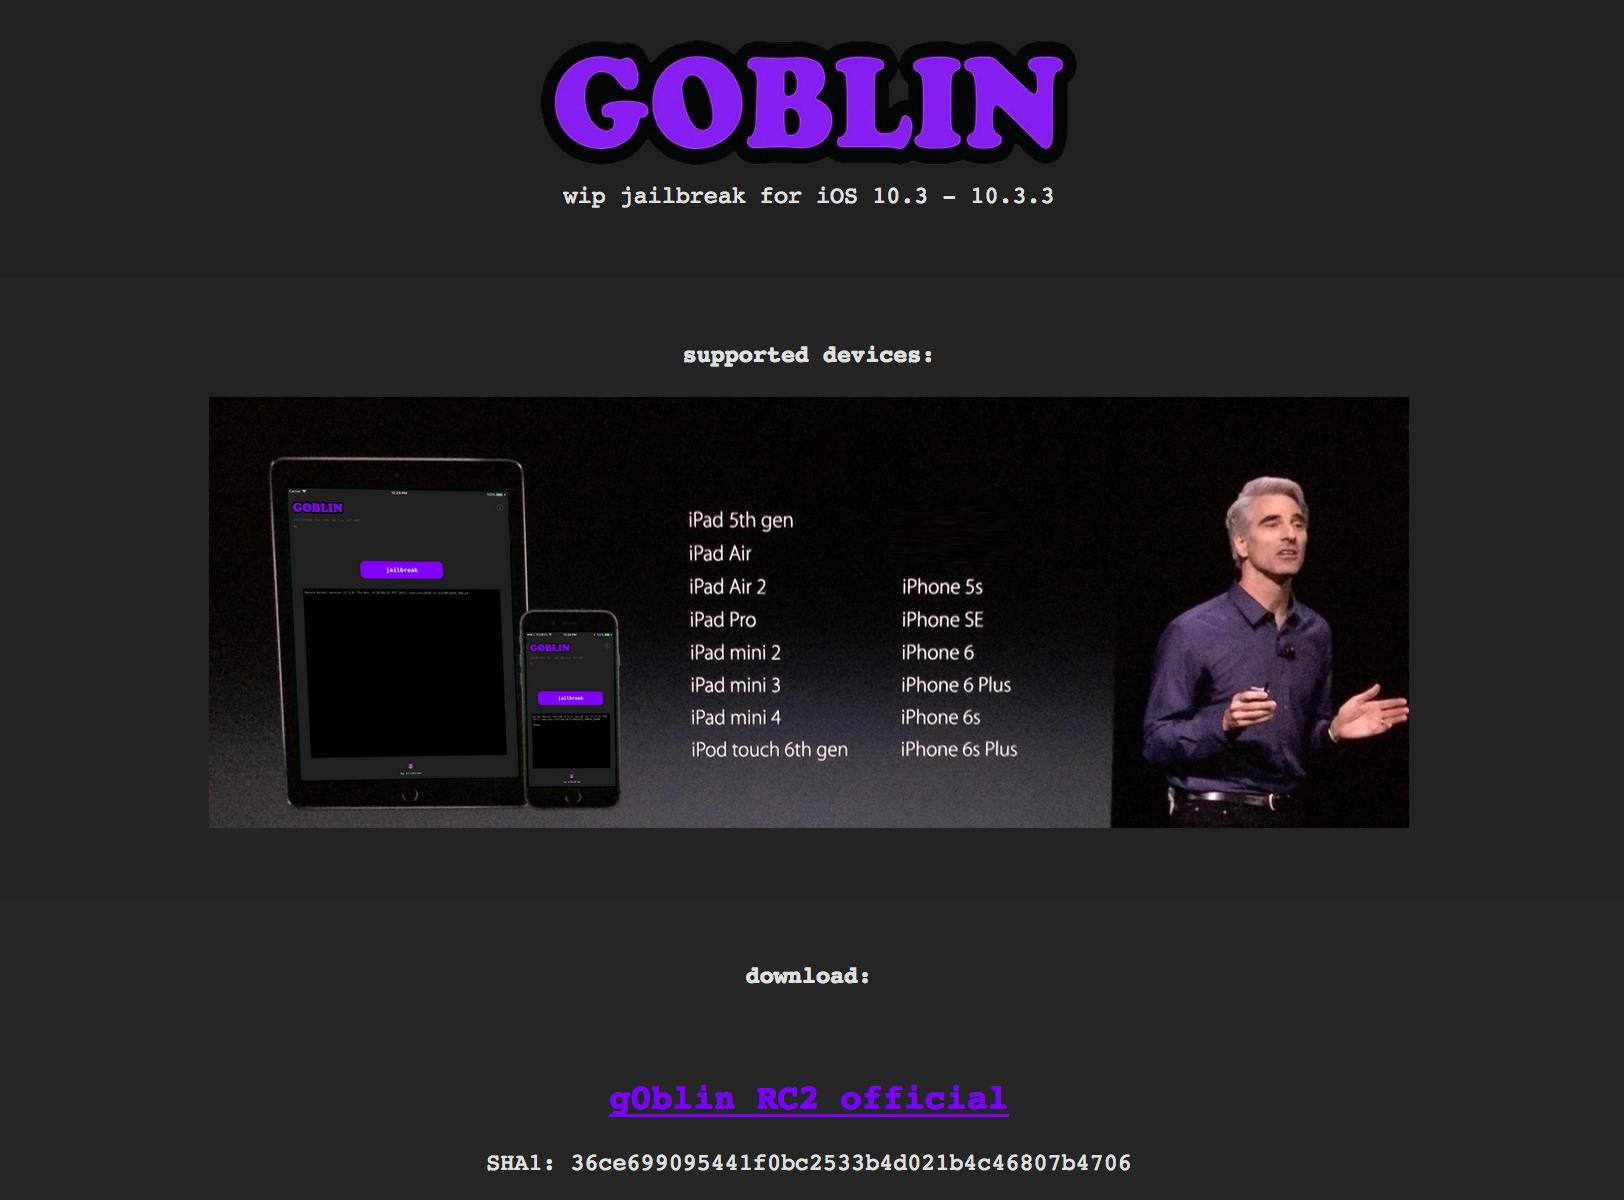 goblin jailbreak